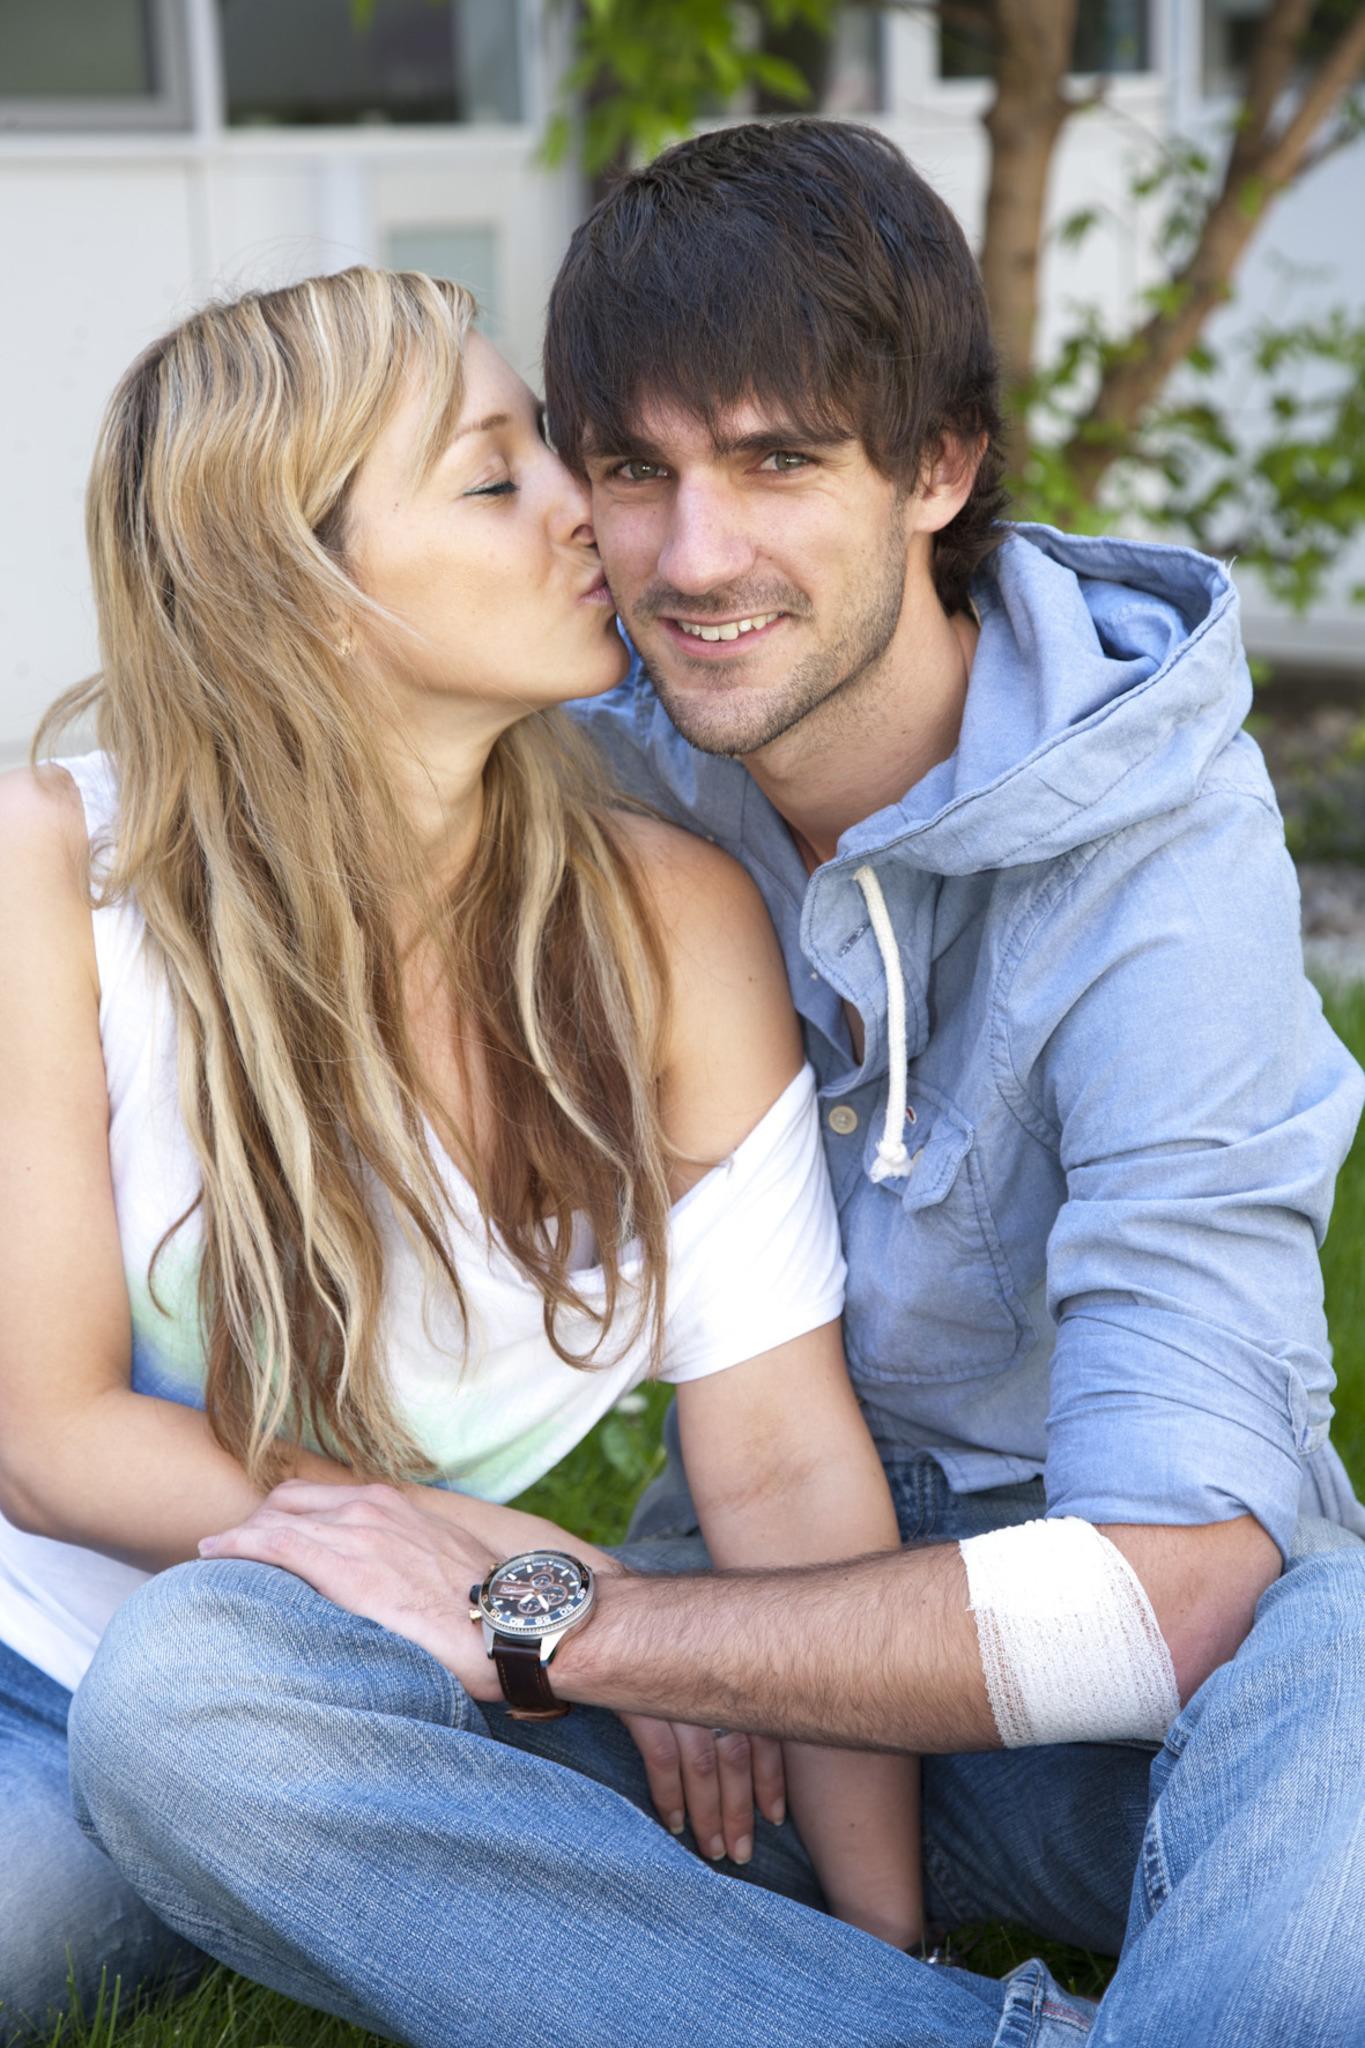 Partnervermittlung agentur aus ilz Sankt plten dating seiten